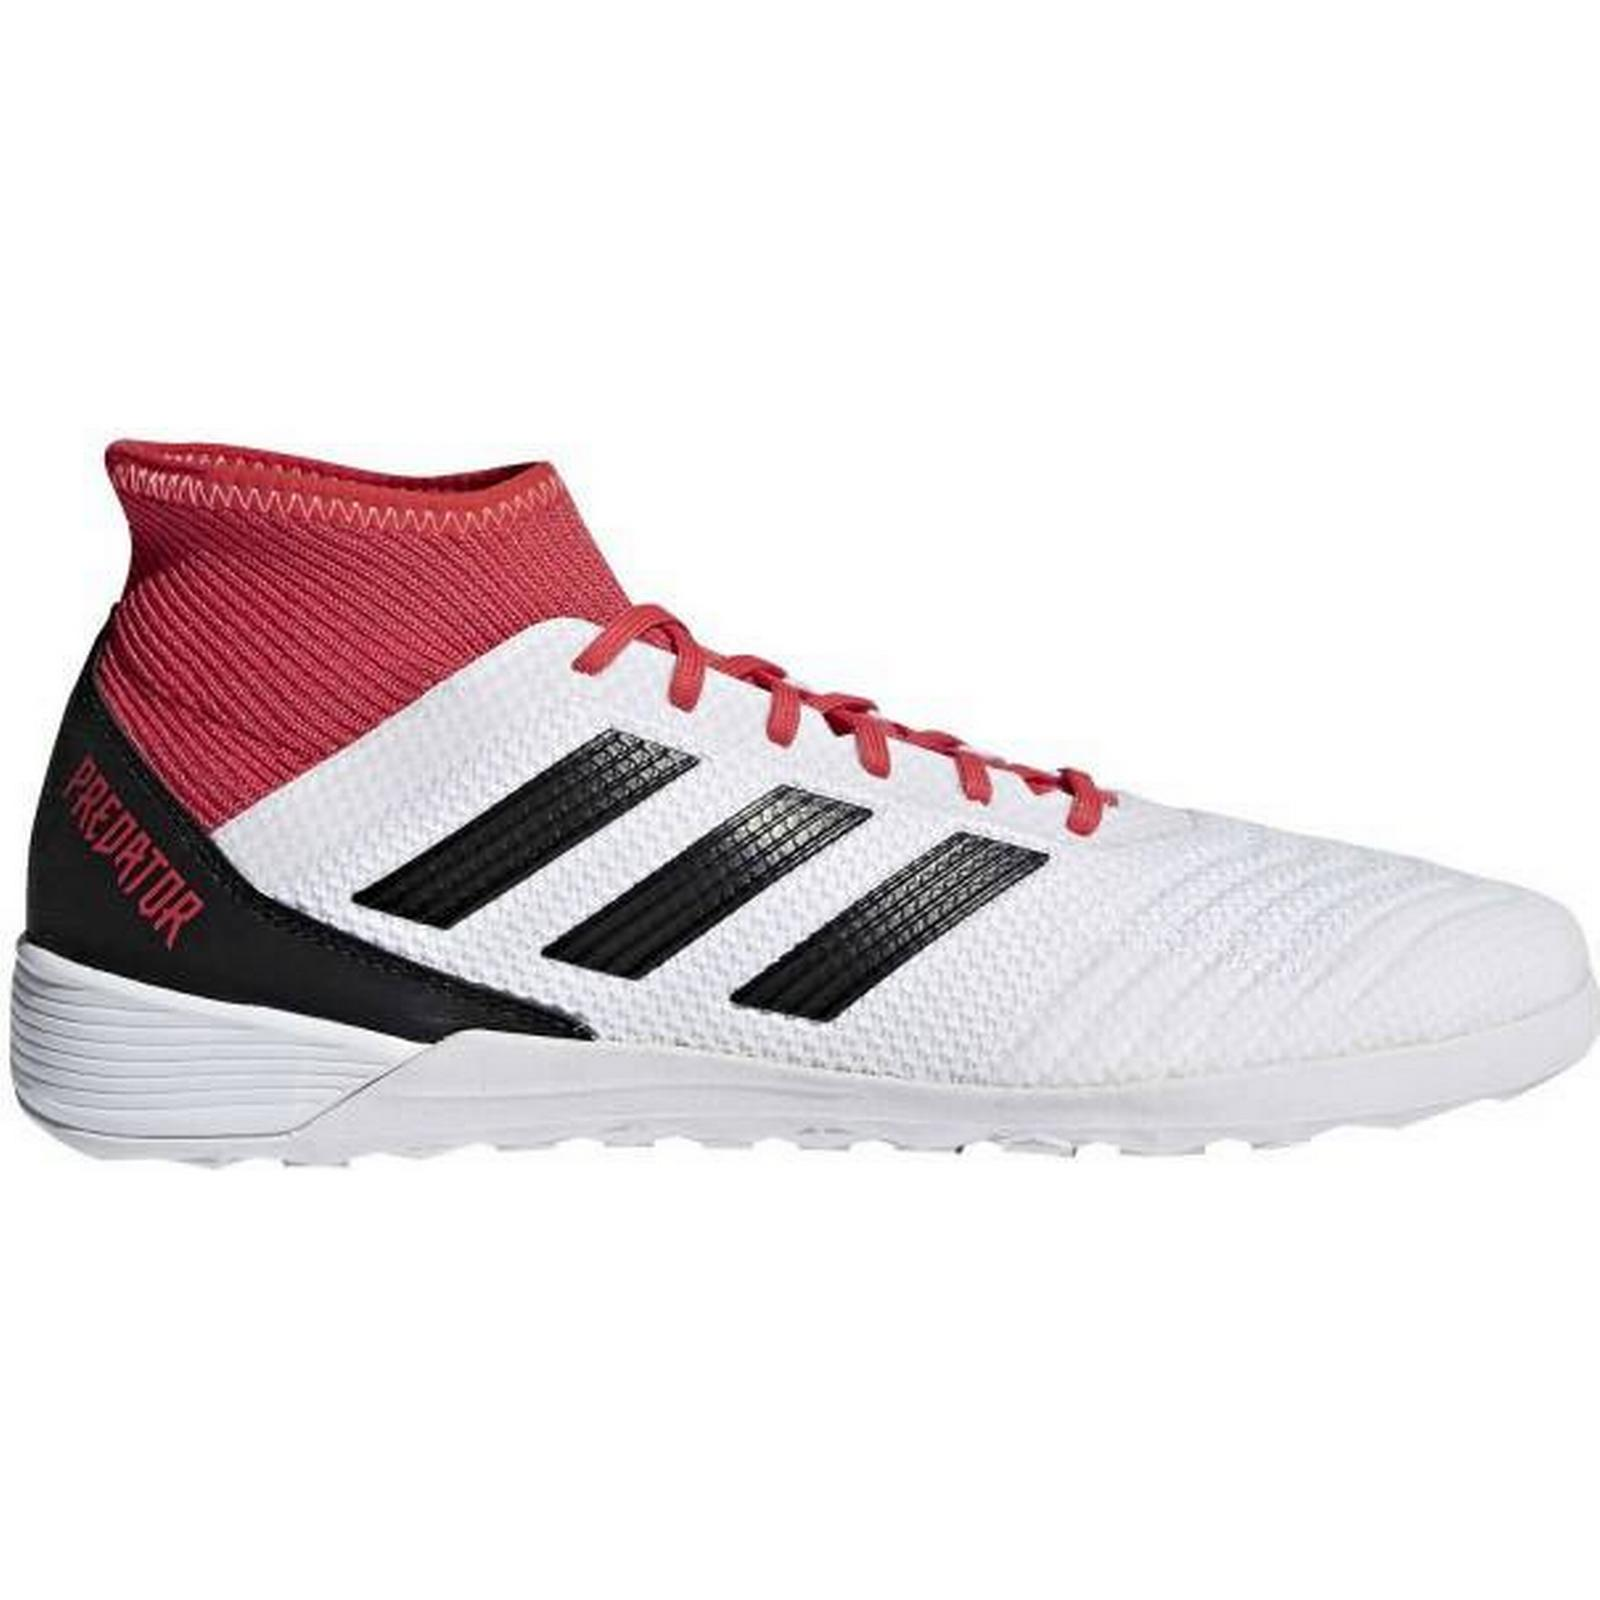 Predator 18.3 Sala Boots Adult Futsal Boots Sala - Black 0f66d9